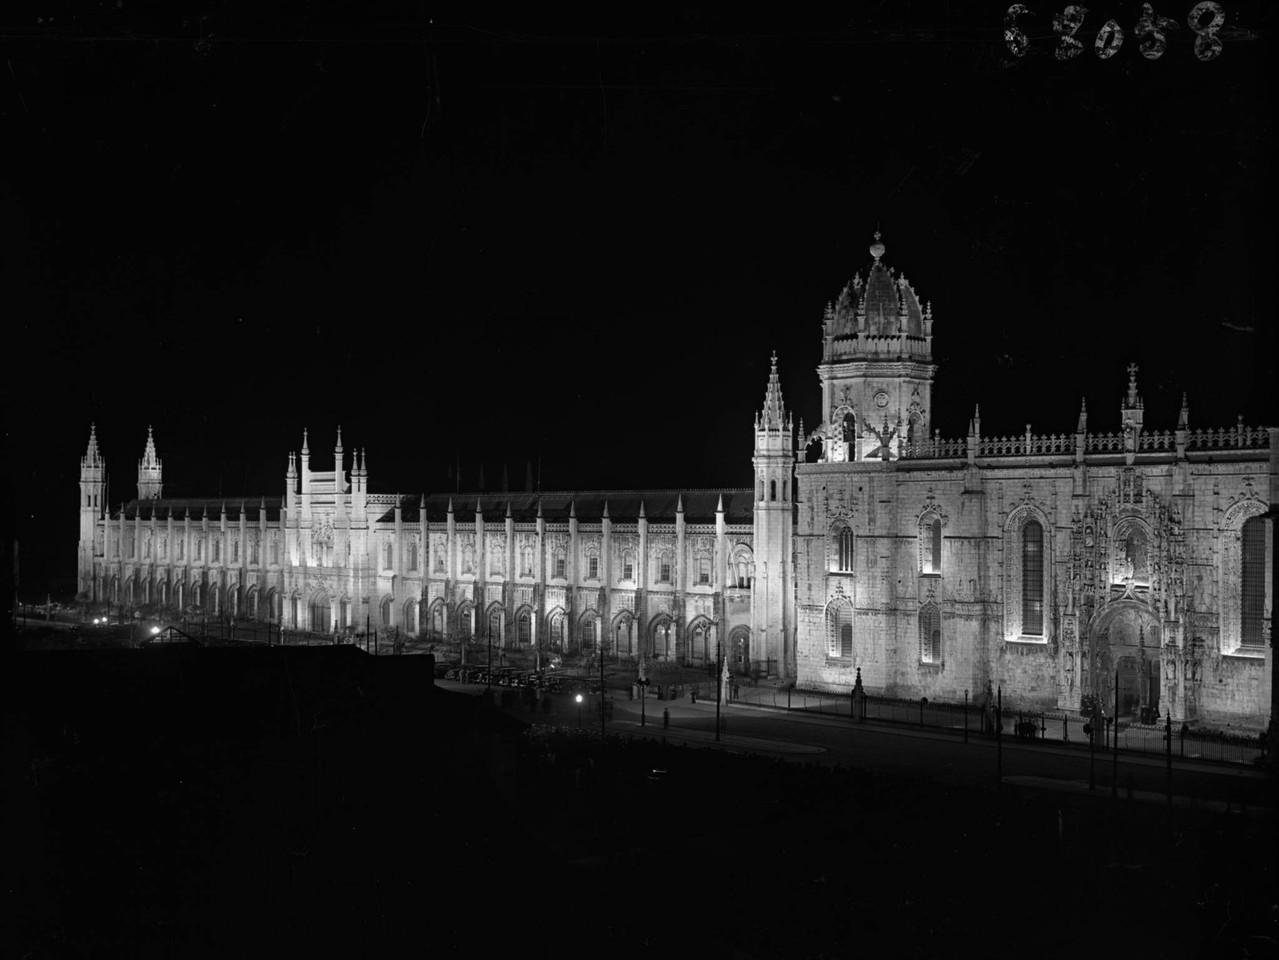 Mosteiro dos Jerónimos, fachada, foto de Ferreira